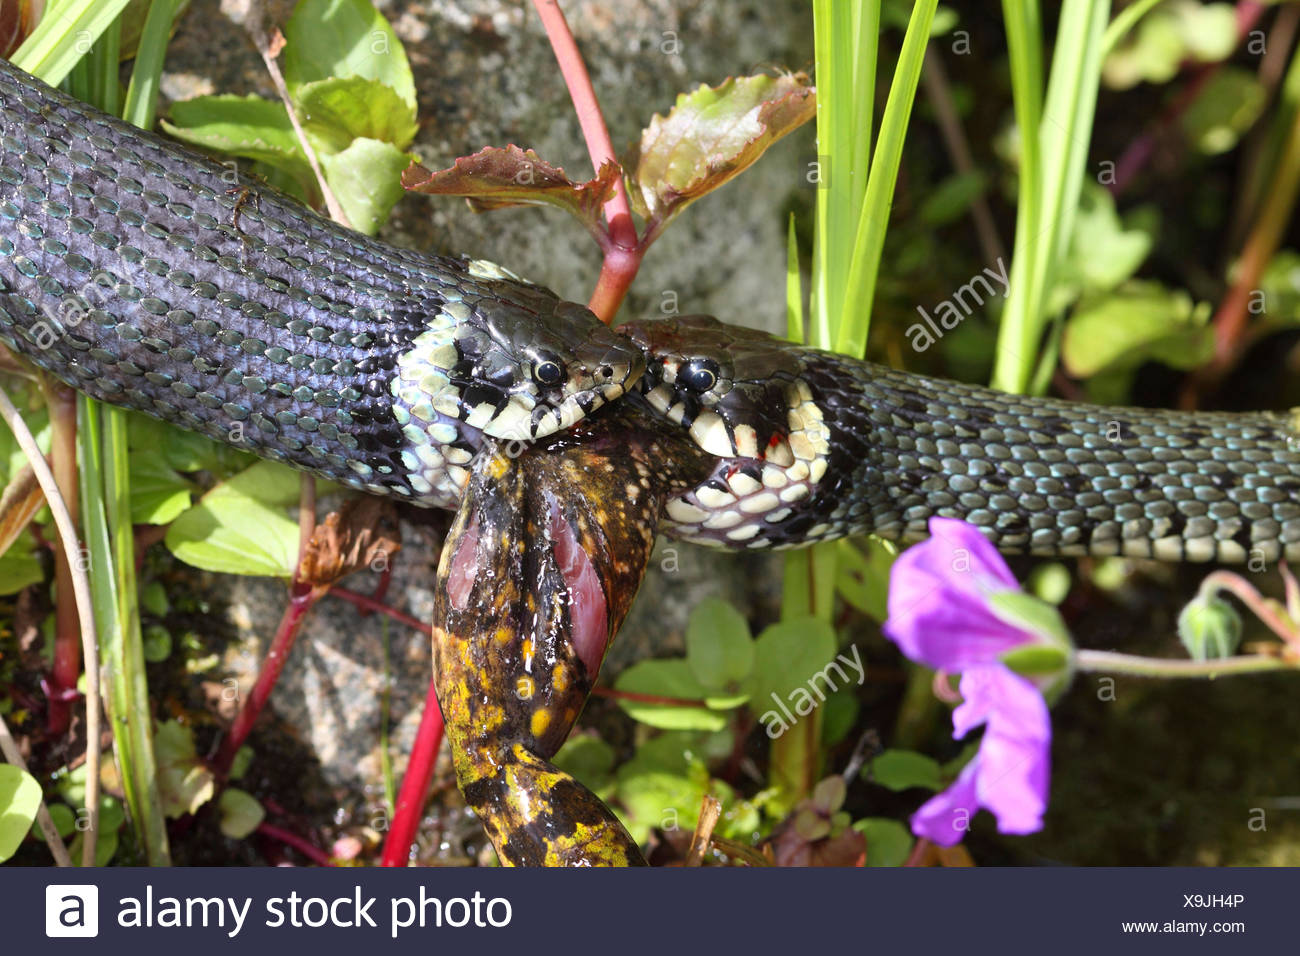 Couleuvre à collier (Natrix natrix), série photo 7, deux serpents se battre pour une grenouille, Allemagne, Mecklembourg-Poméranie-Occidentale Photo Stock